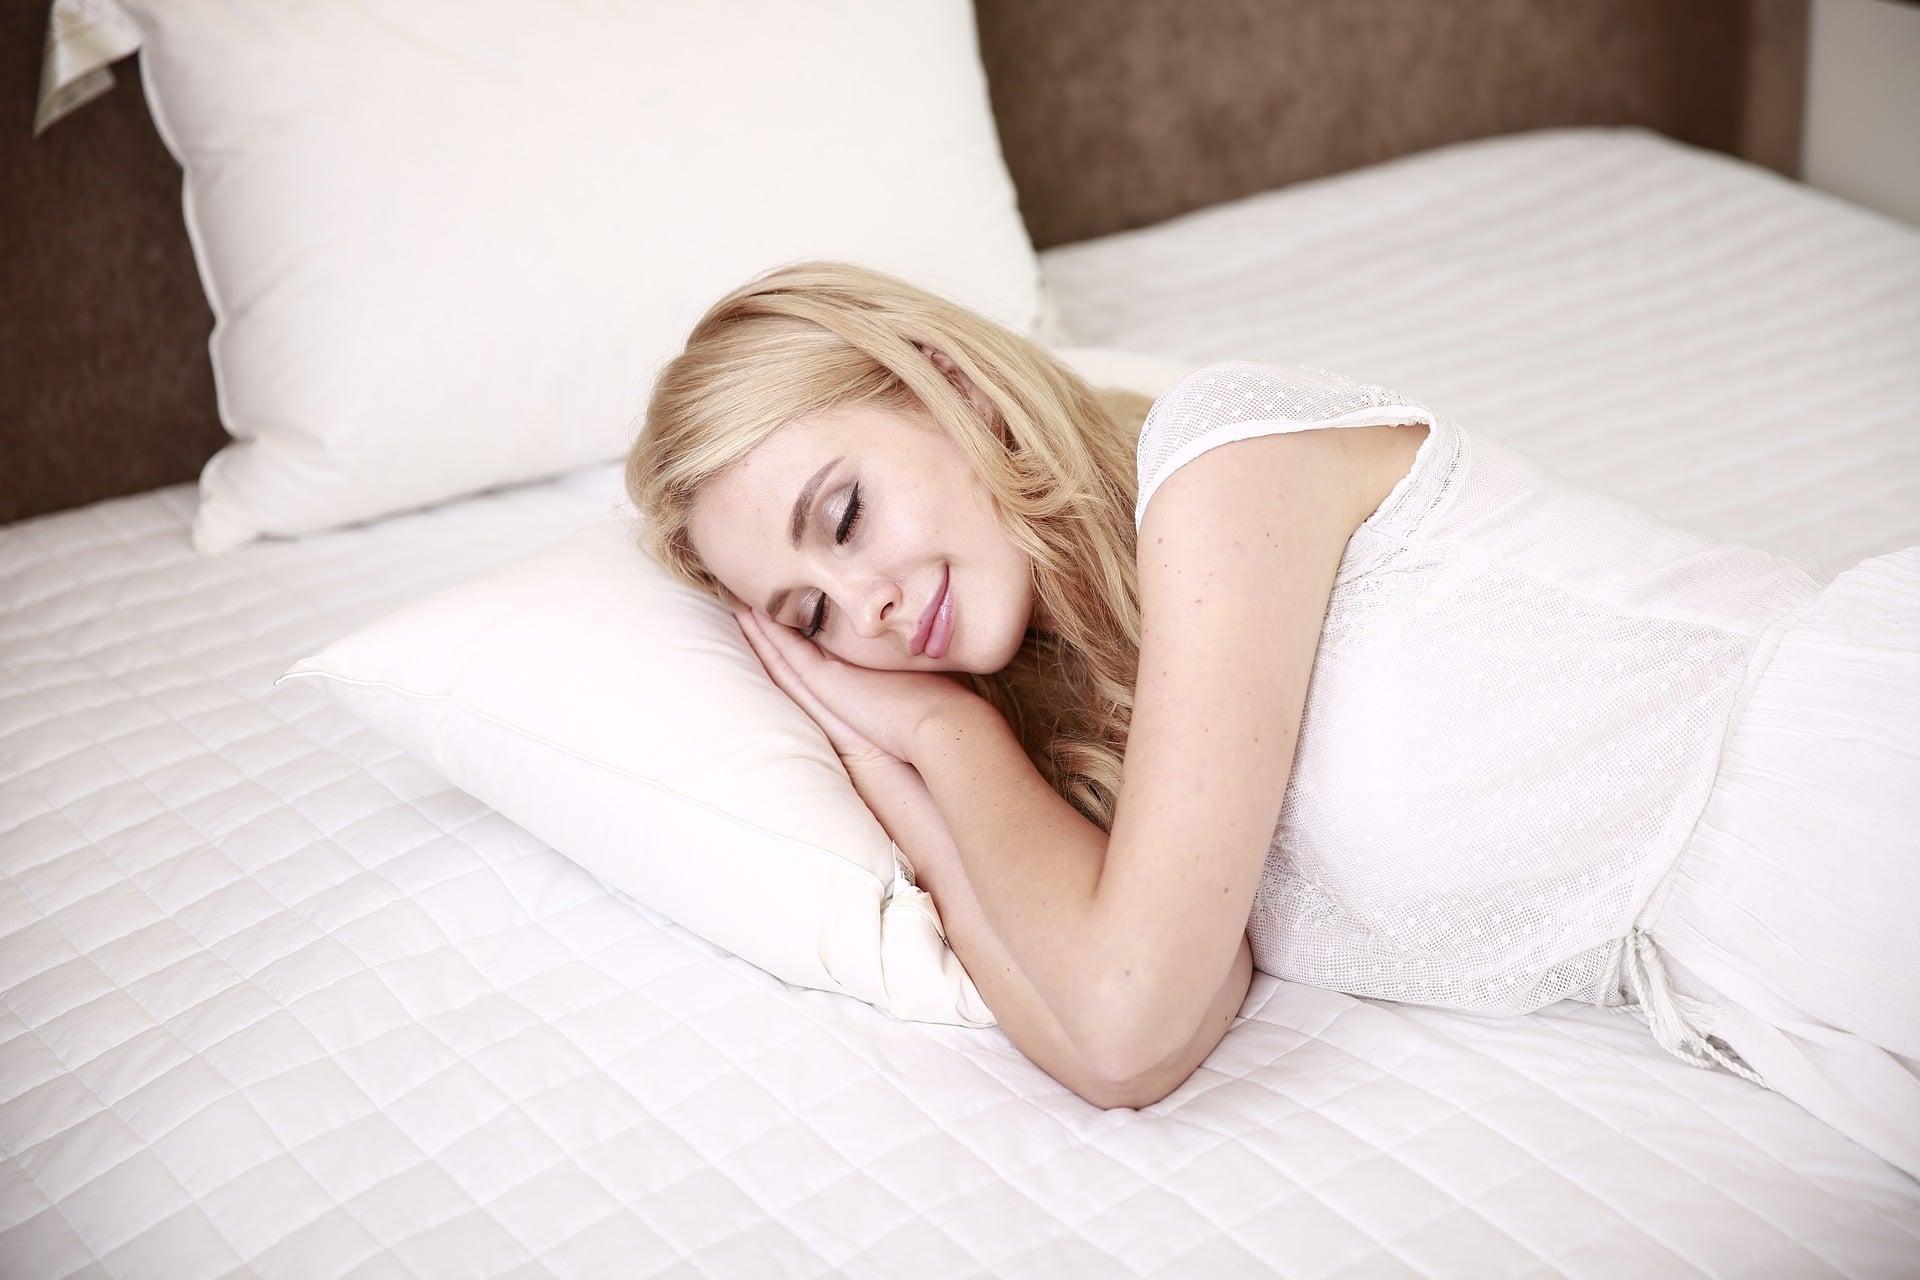 Best Sleeping Position - Side